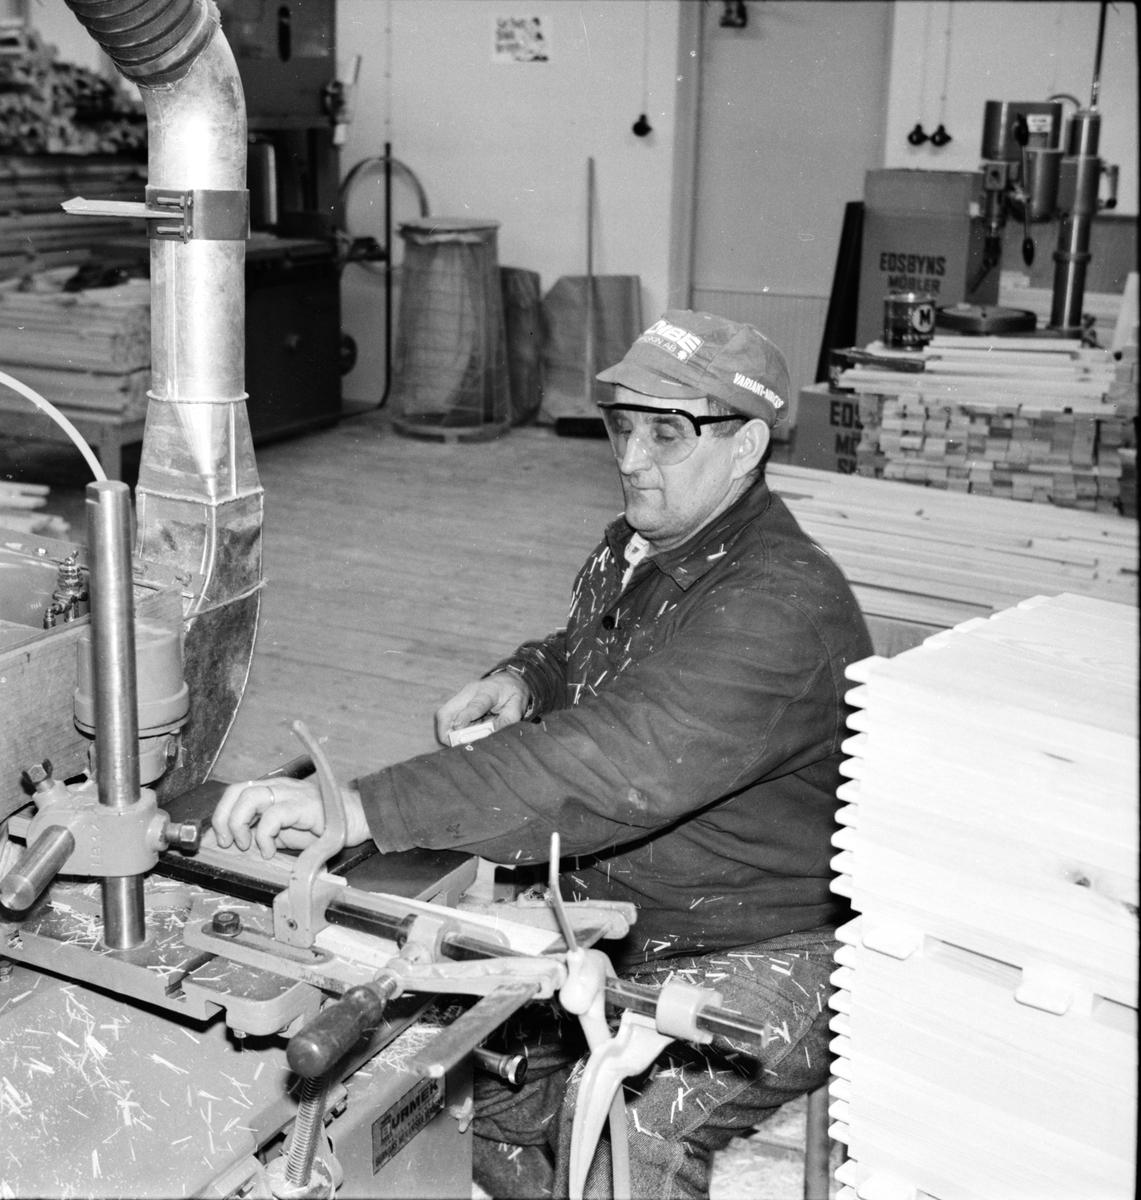 Arbrå, Arbrå träprodukter, Januari 1969